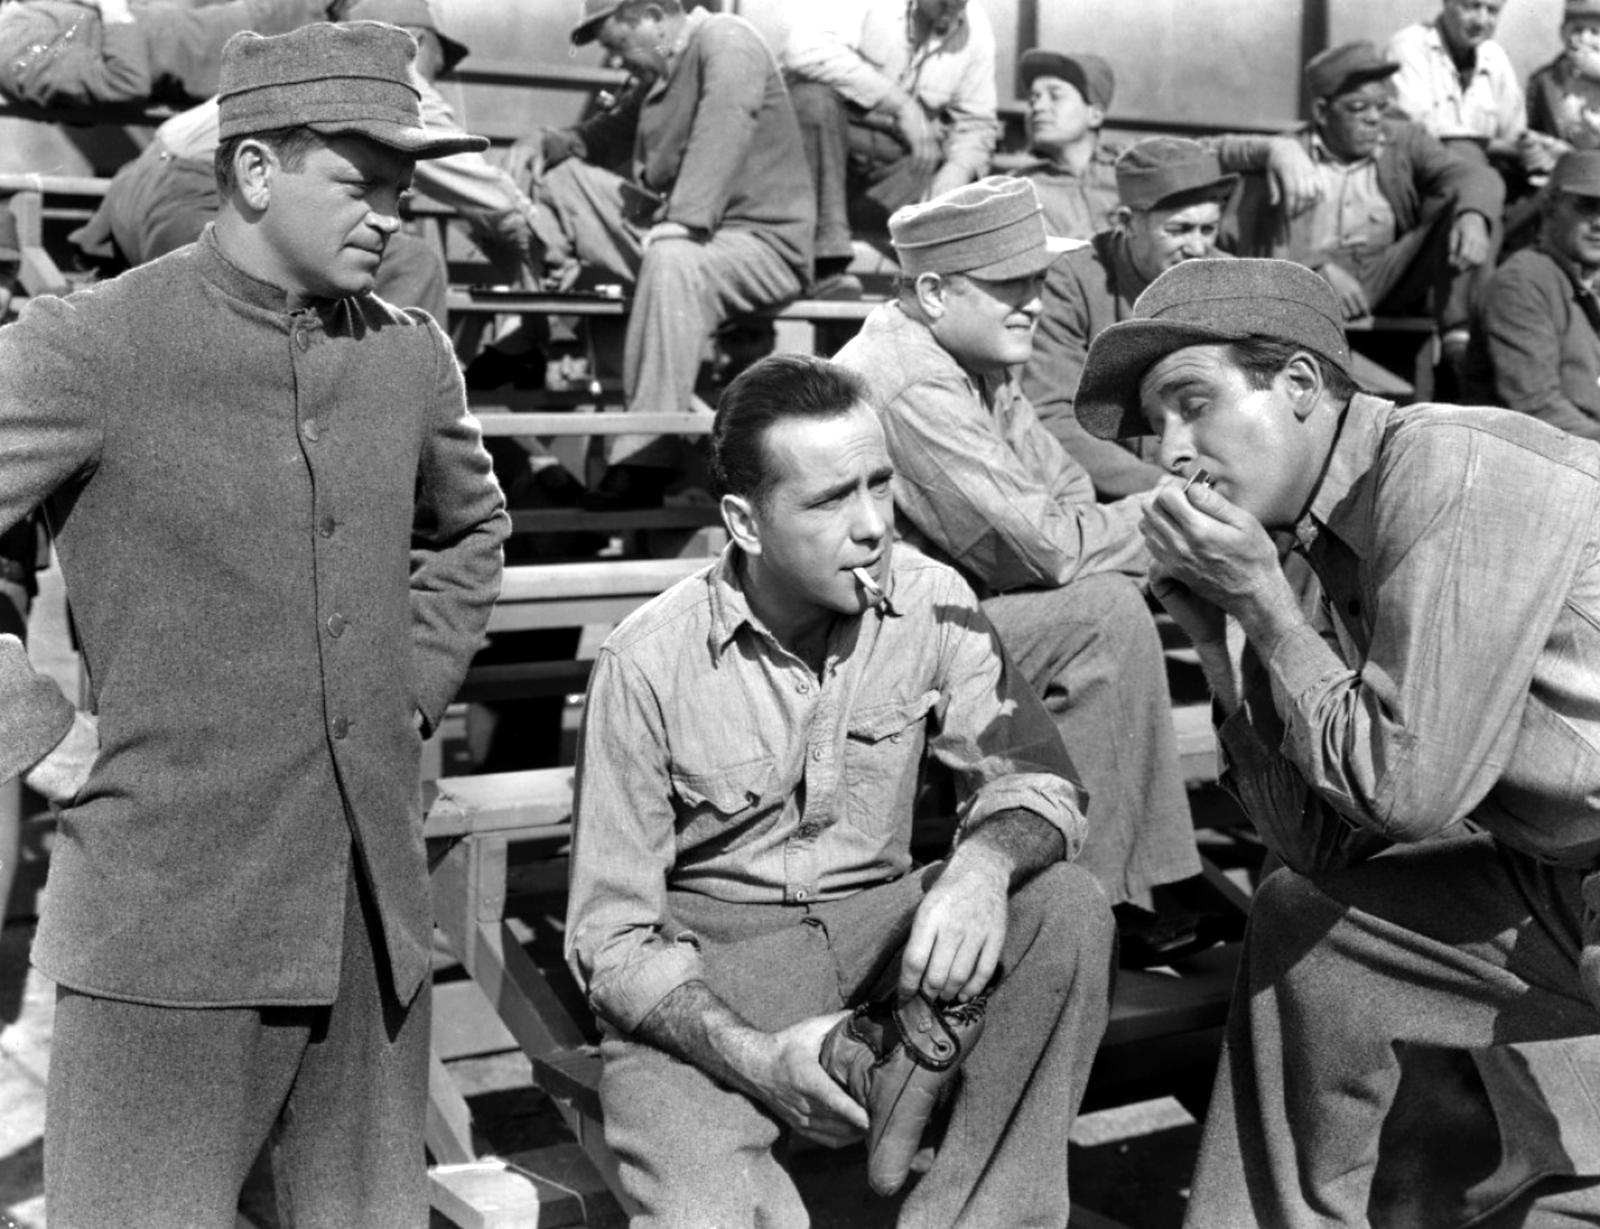 Humphrey Bogart with Murray Alper and Chick Chandler